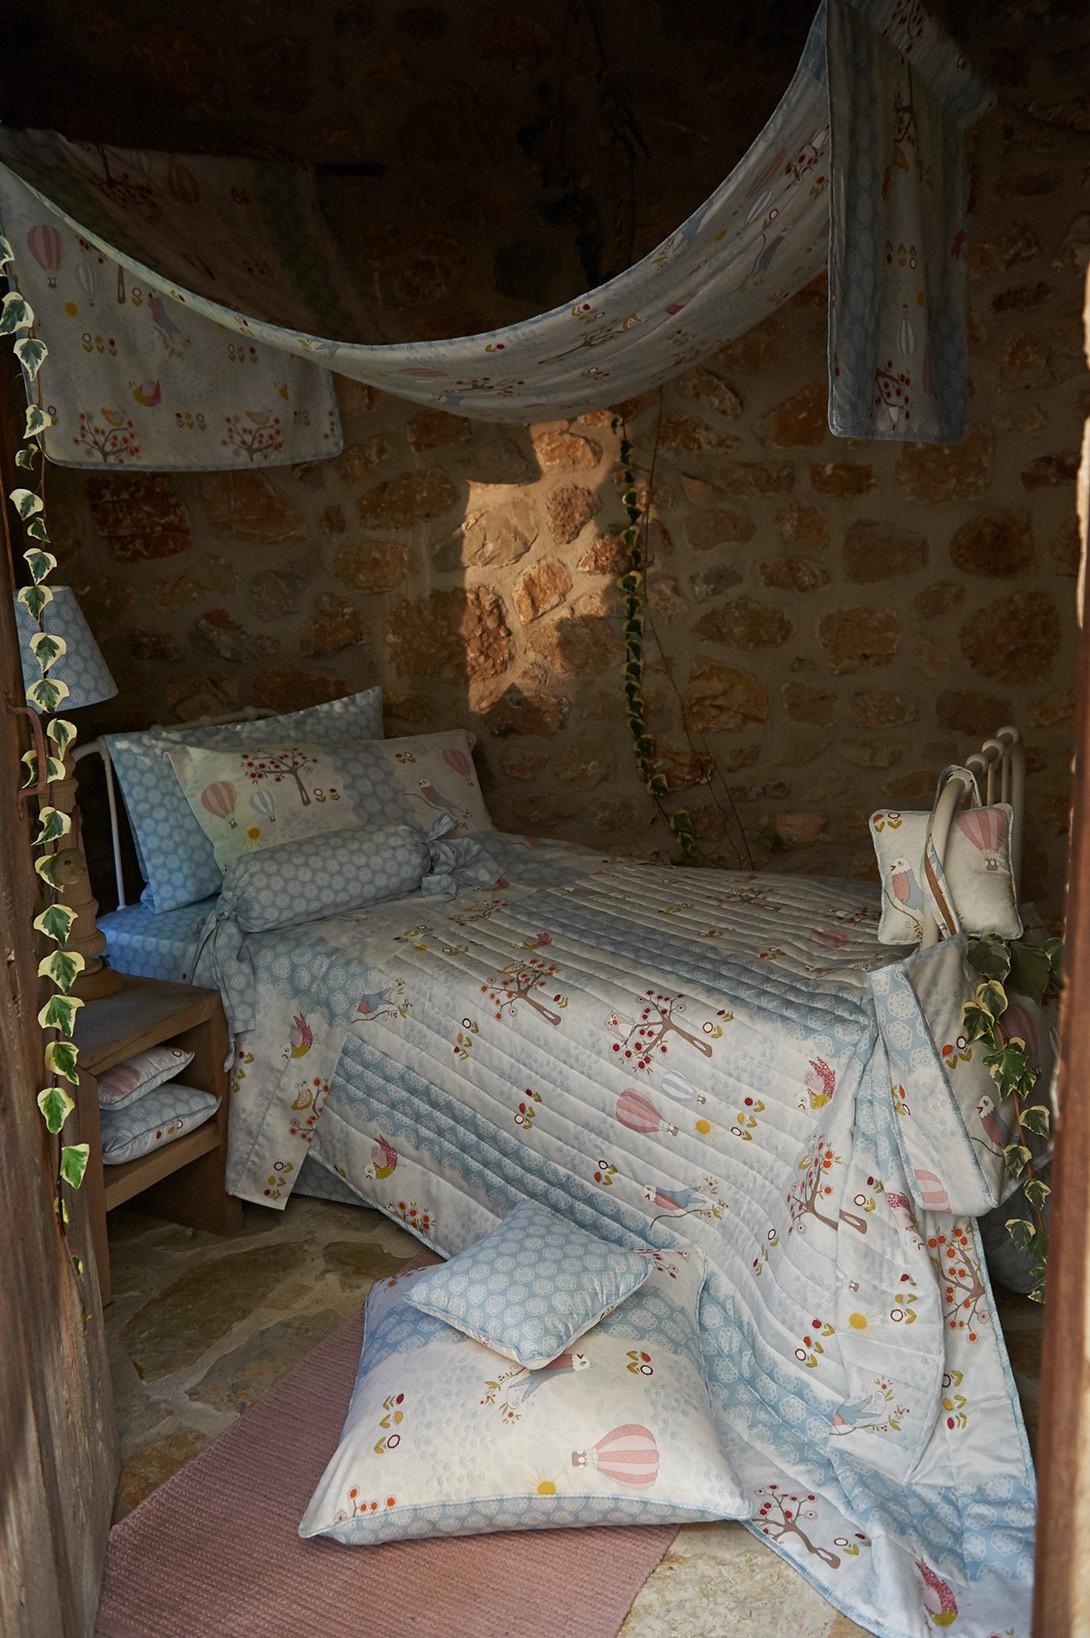 Παπλωματοθήκη Μονή (Σετ) Down Town Dreamland D0014 home   παιδικά   παπλωματοθήκες παιδικές